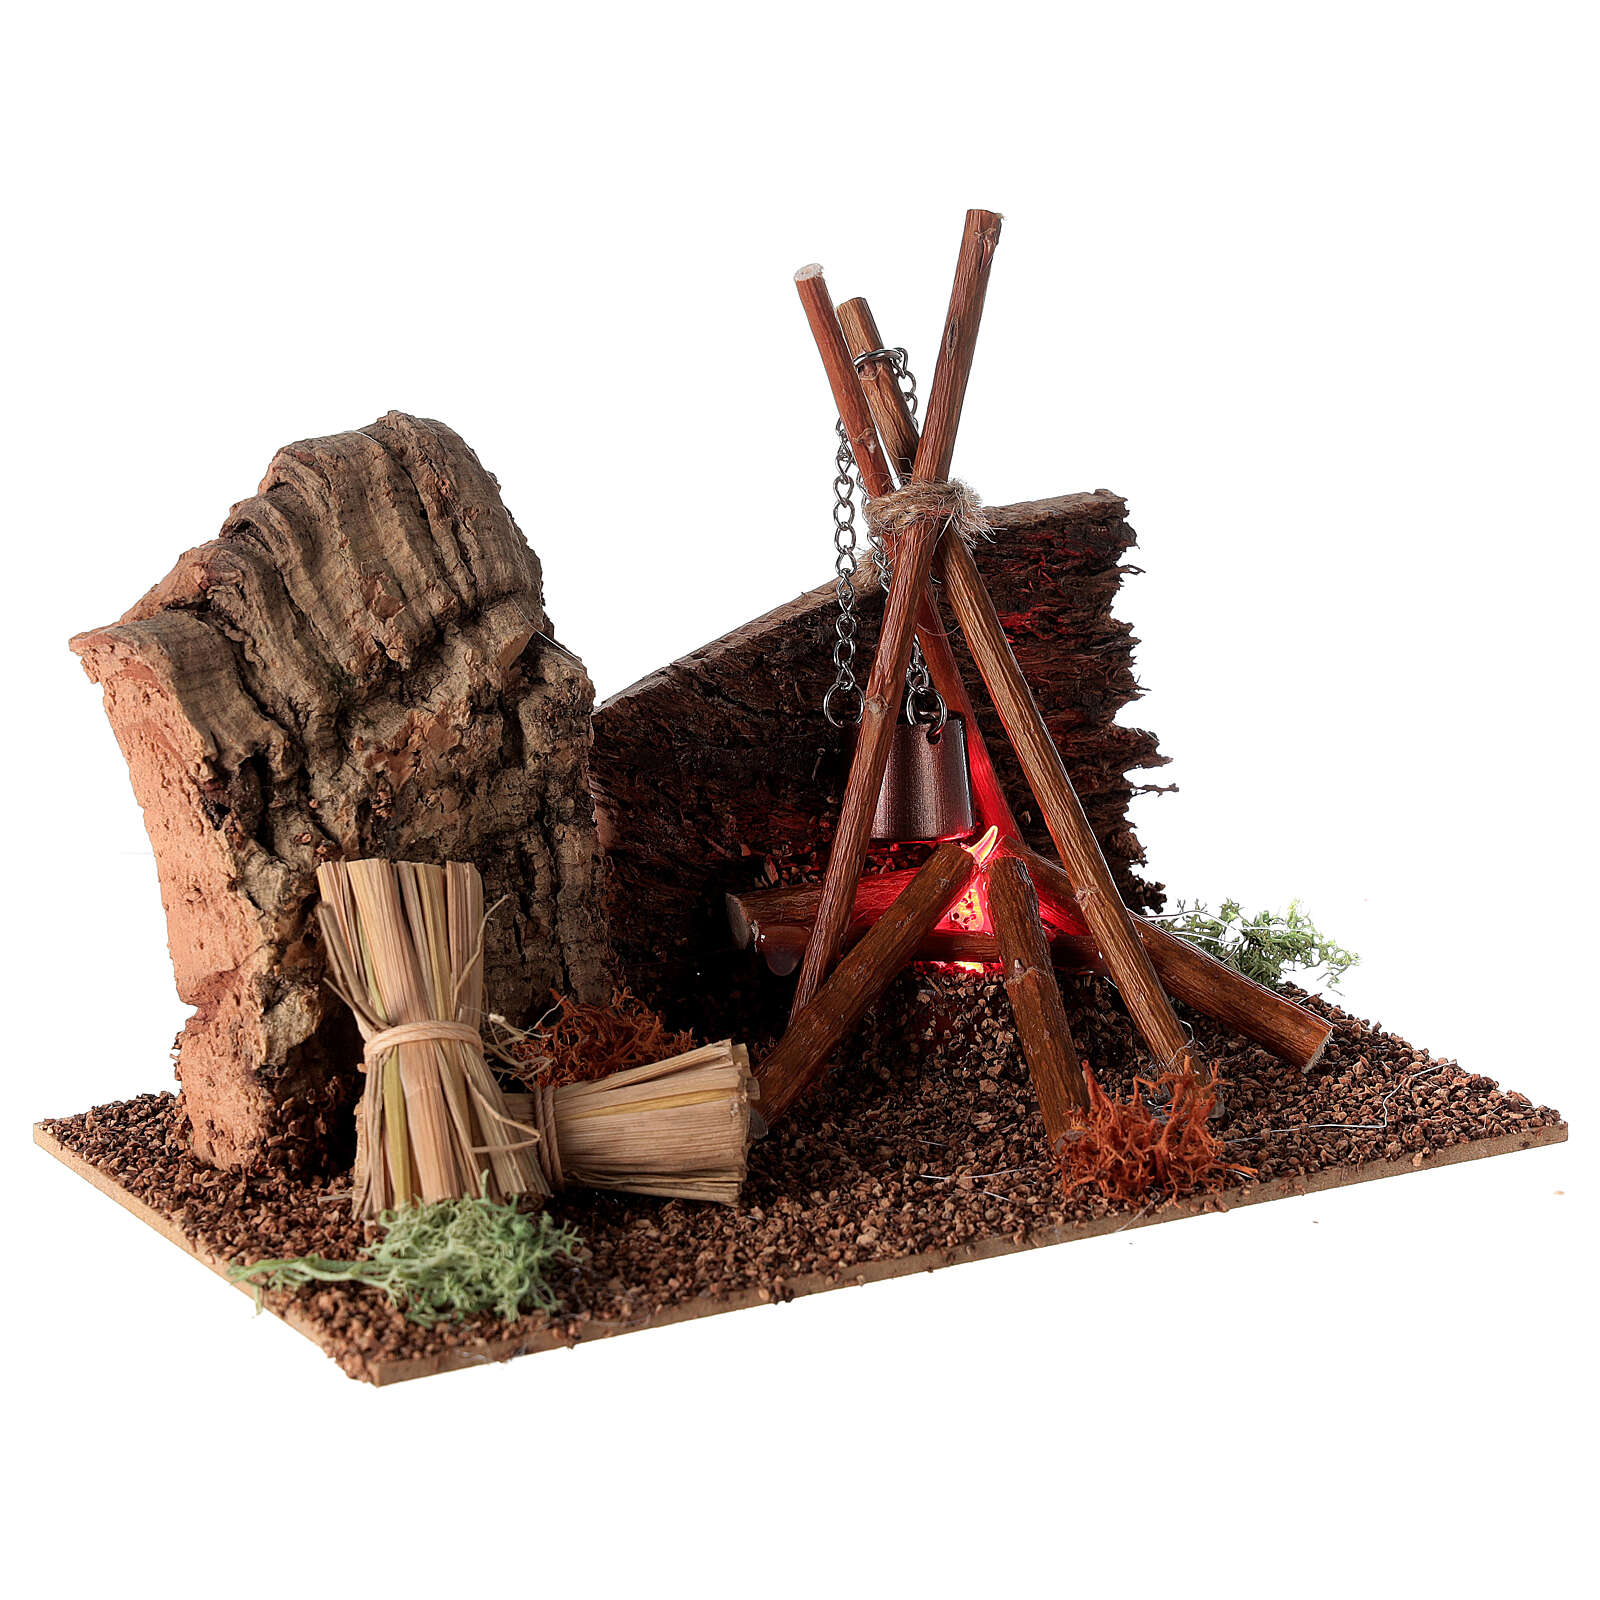 Bivaque com panela miniatura para presépio com figuras altura média 8-10 cm 4